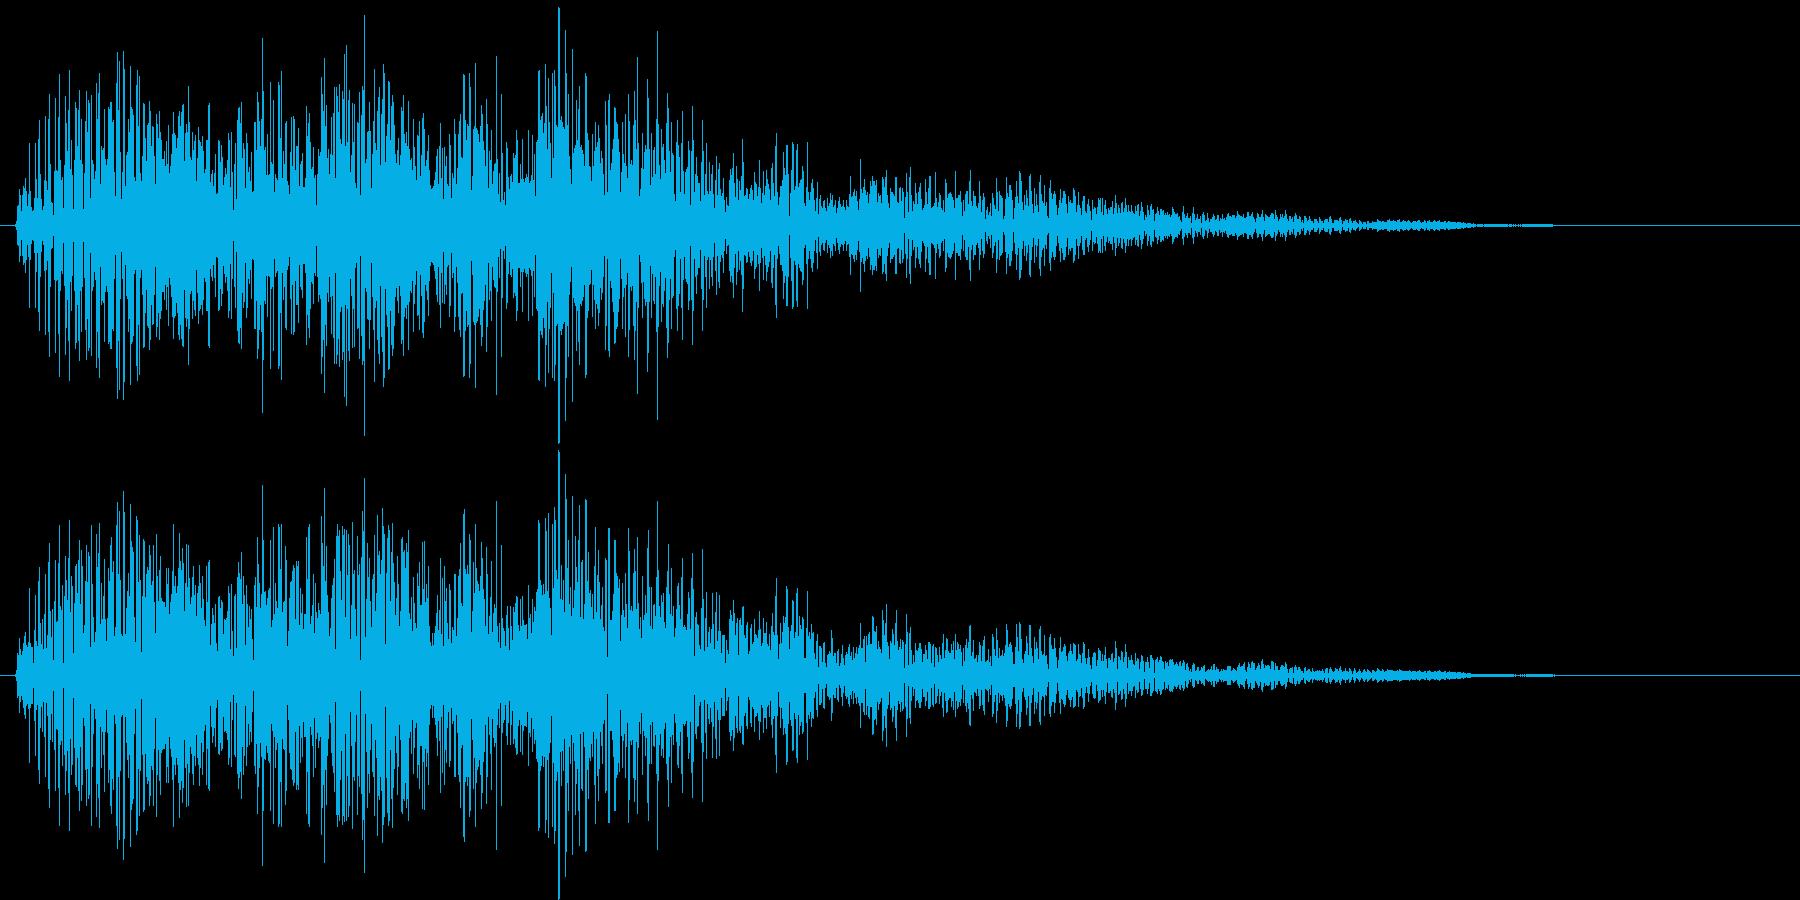 決定・空気感・キャッチー・印象的11の再生済みの波形